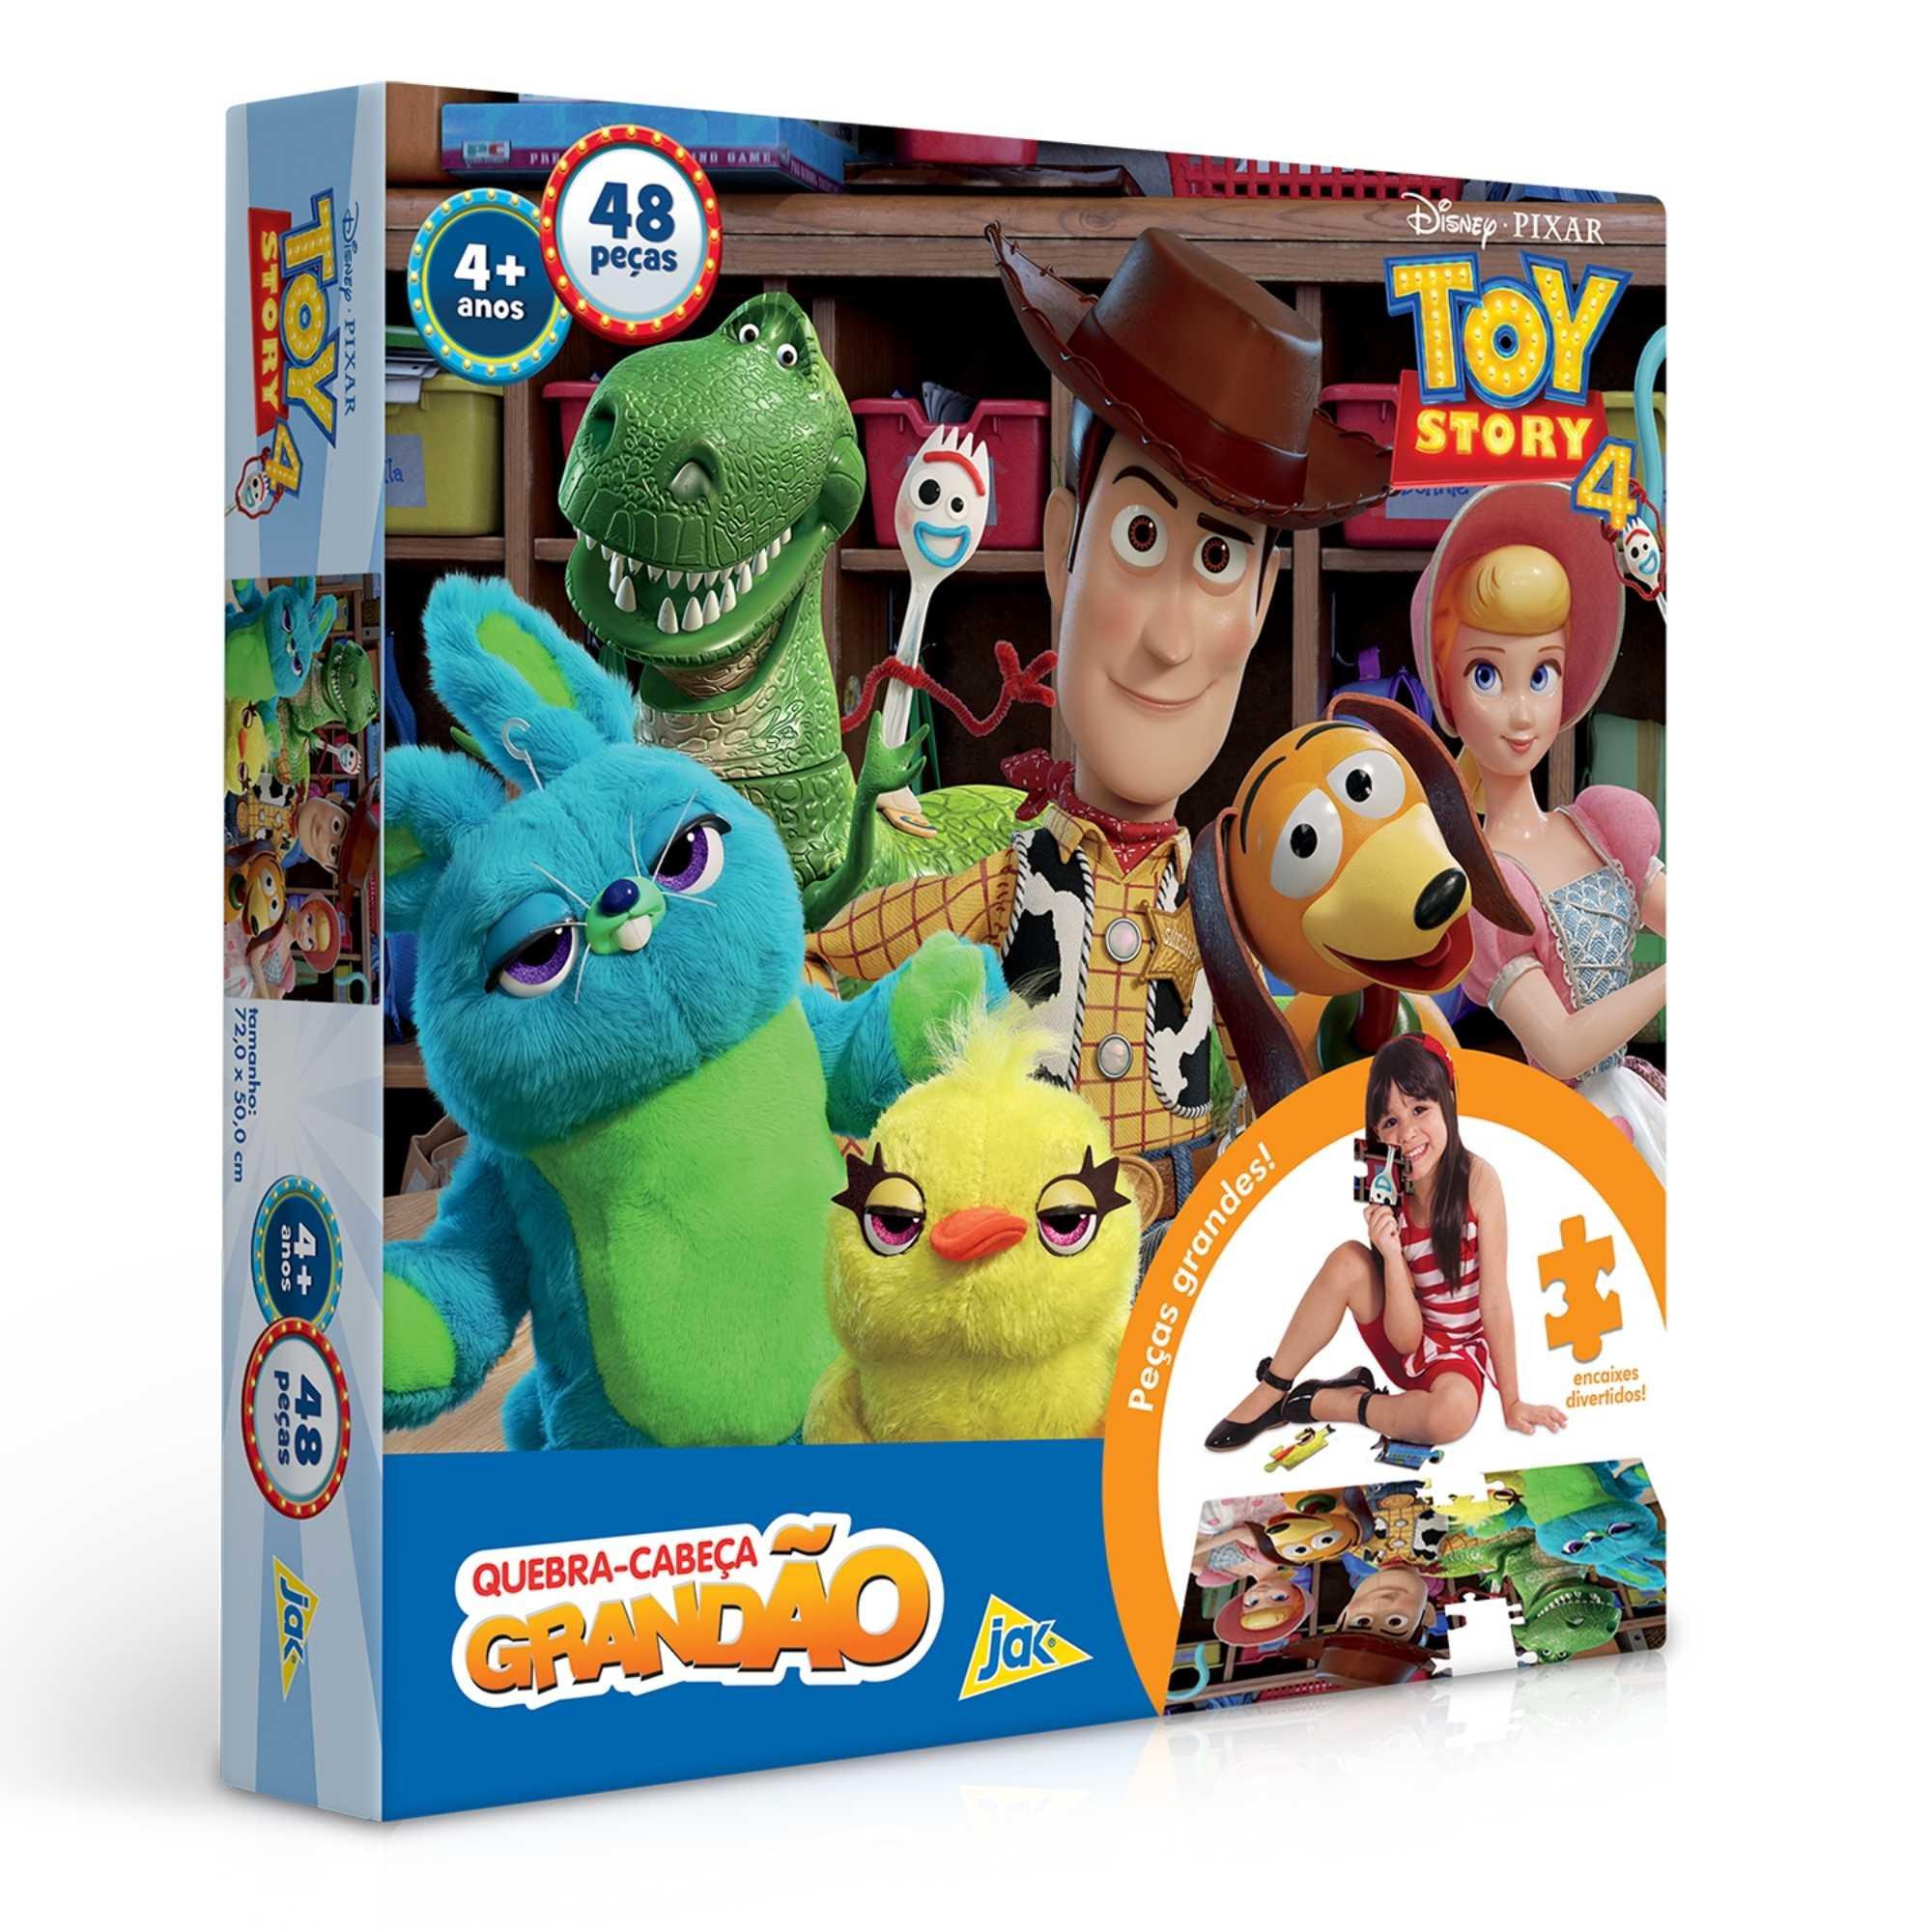 Quebra-Cabeça Grandão Toy Story 4 - 48 peças - Jak